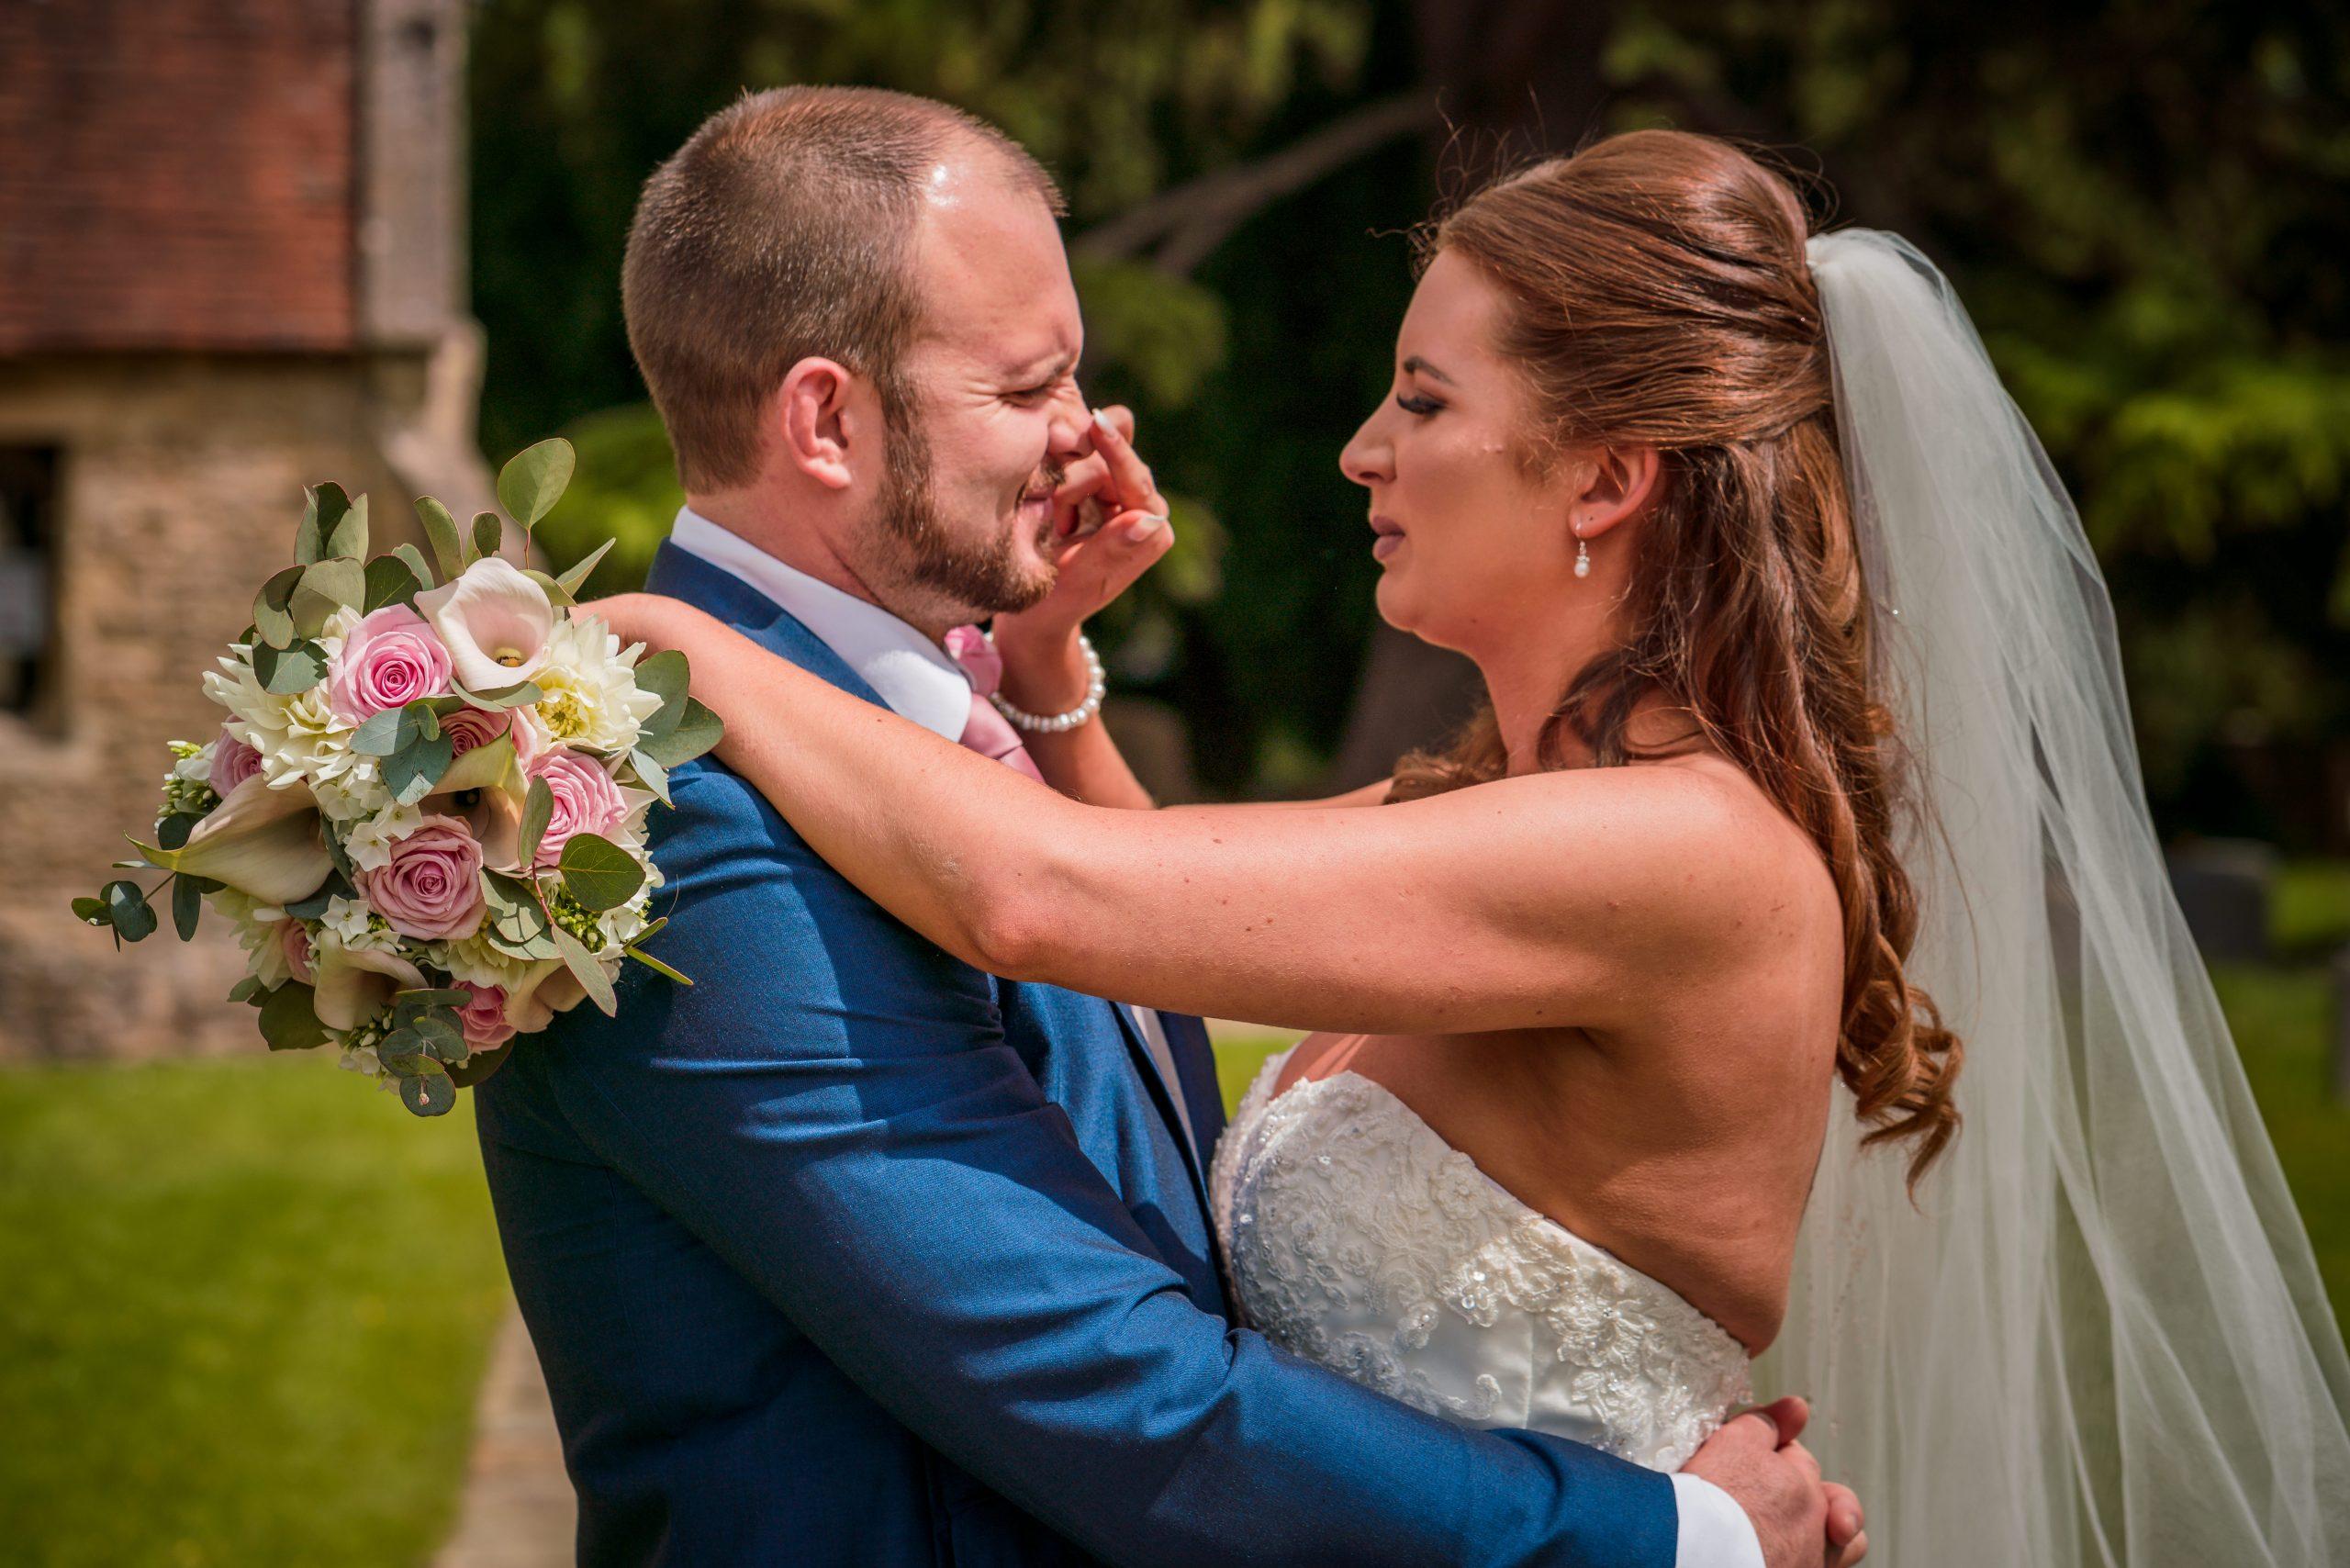 Deeney Wedding Day 10382 scaled